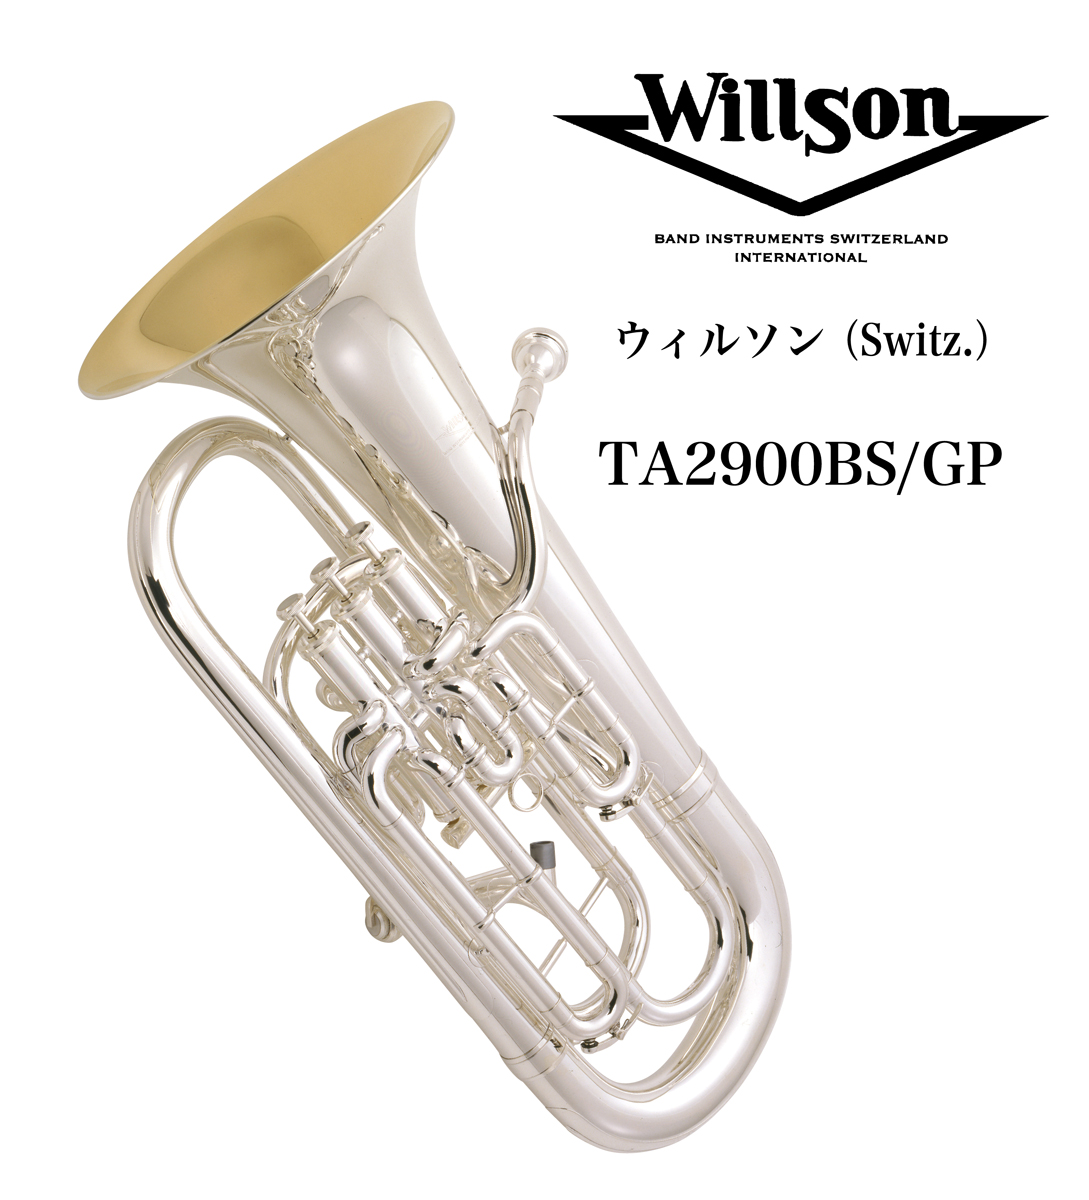 ユーフォニアム  ウィルソン(Switz.) TA2900BS/GP